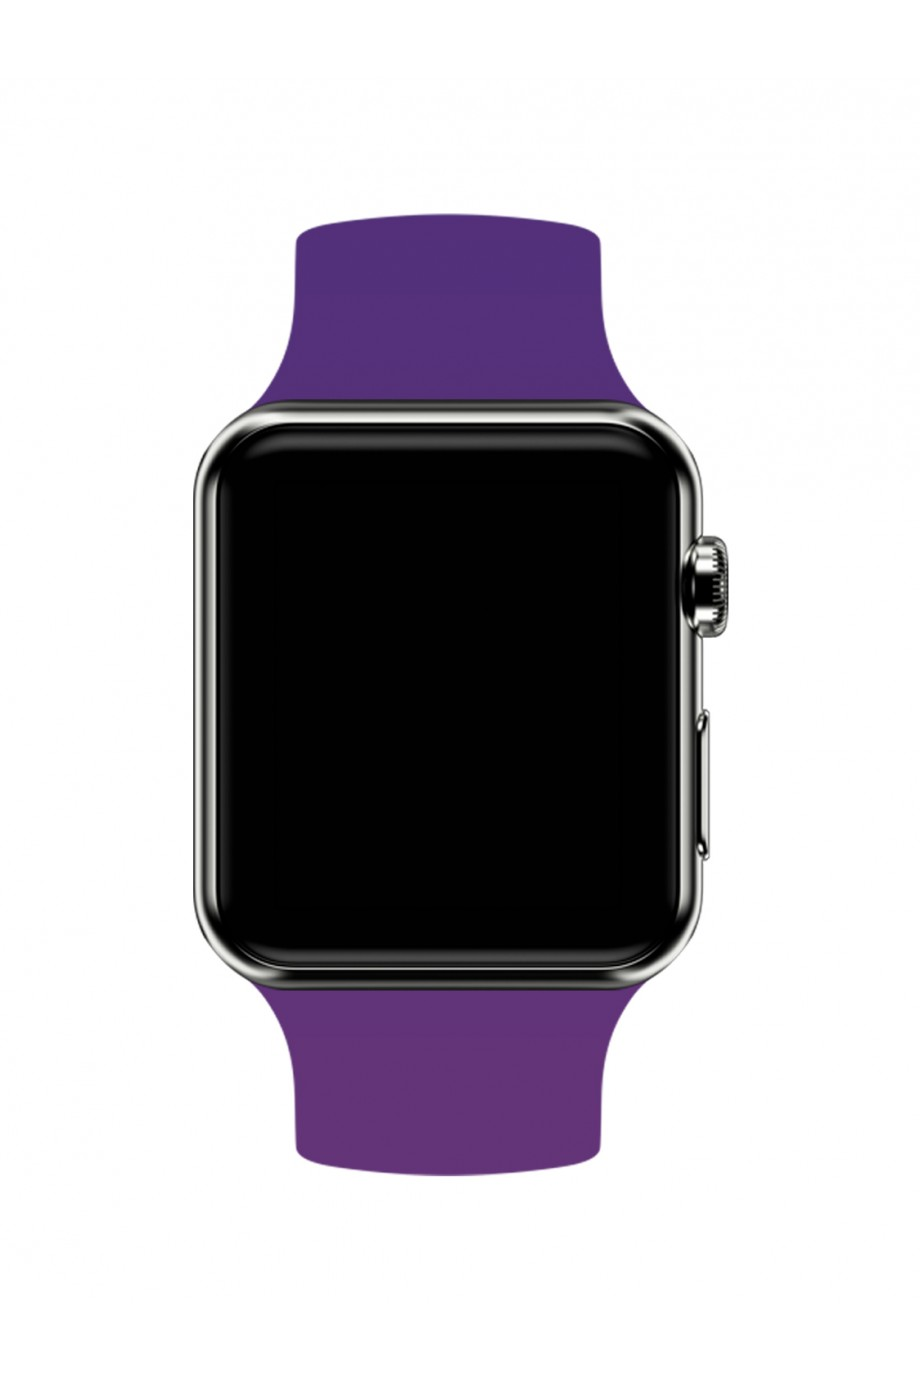 Силиконовый ремешок для Apple Watch 4/5 44 мм, фиолетовый